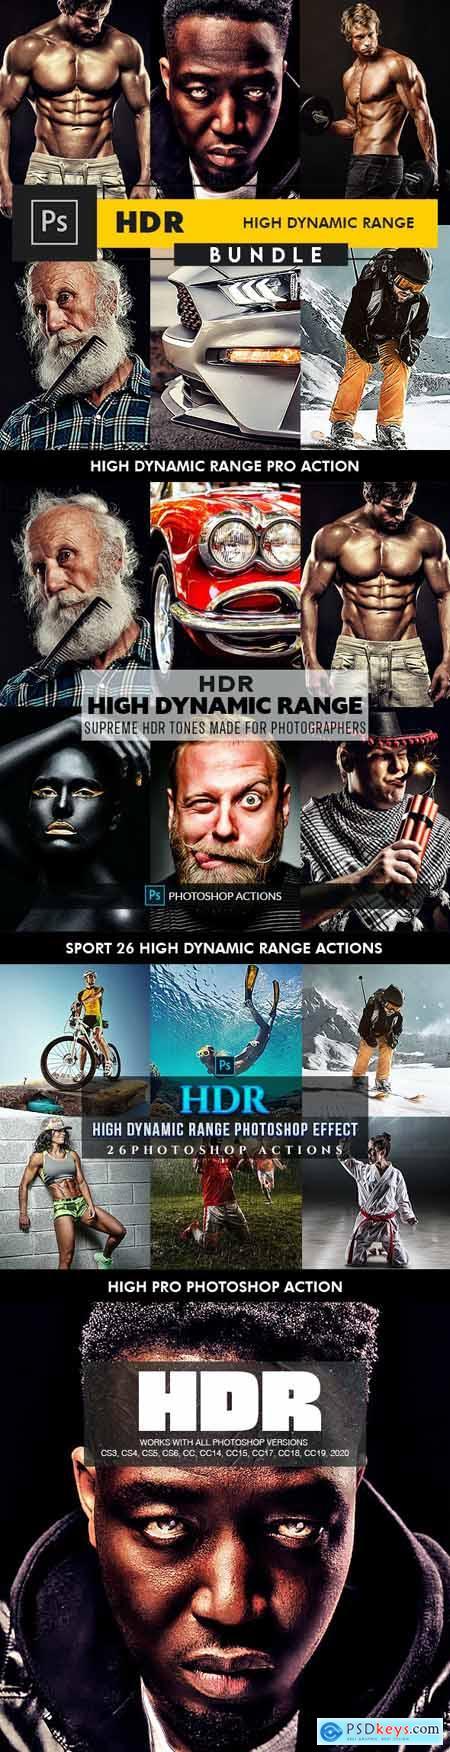 HDR Bundle - Photoshop Actions 27196533